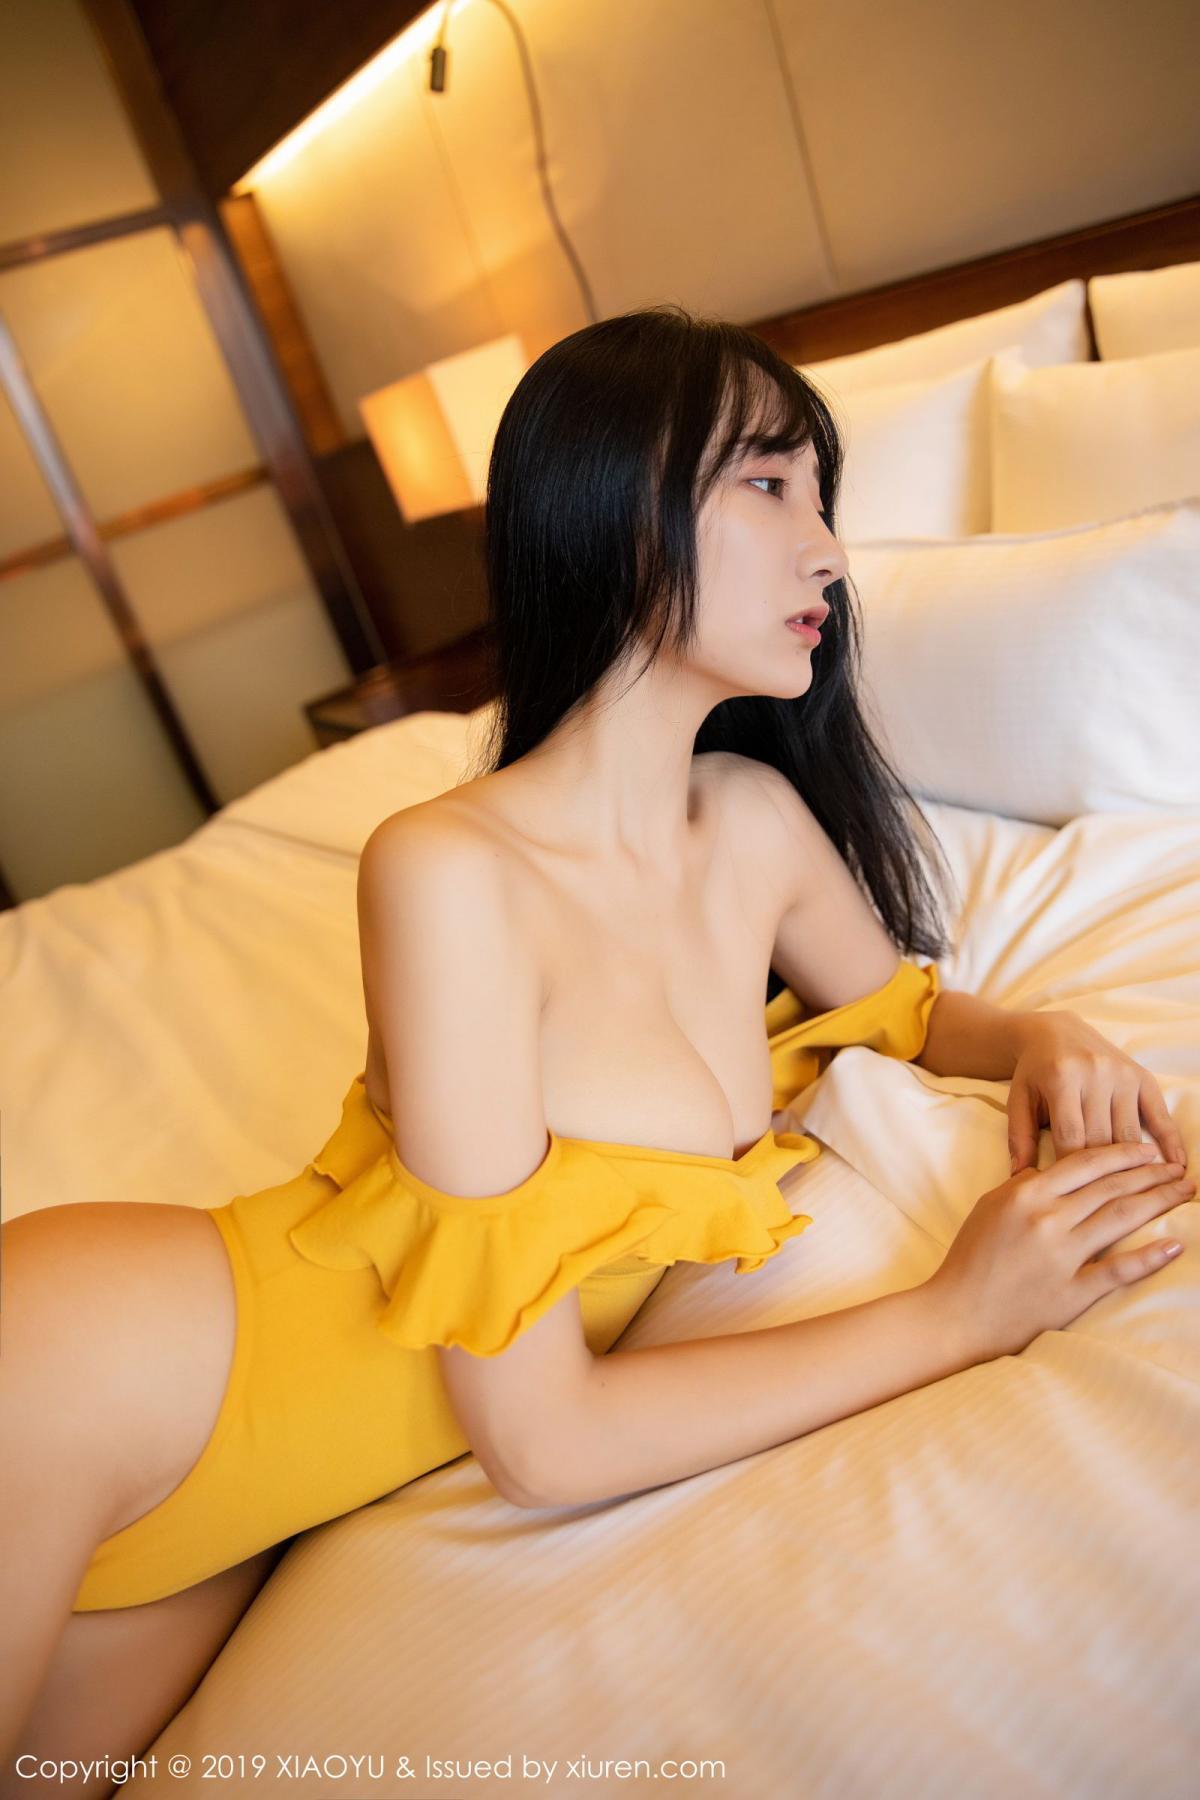 [XiaoYu] Vol.140 He Jia Ying 40P, He Jia Ying, Tall, XiaoYu